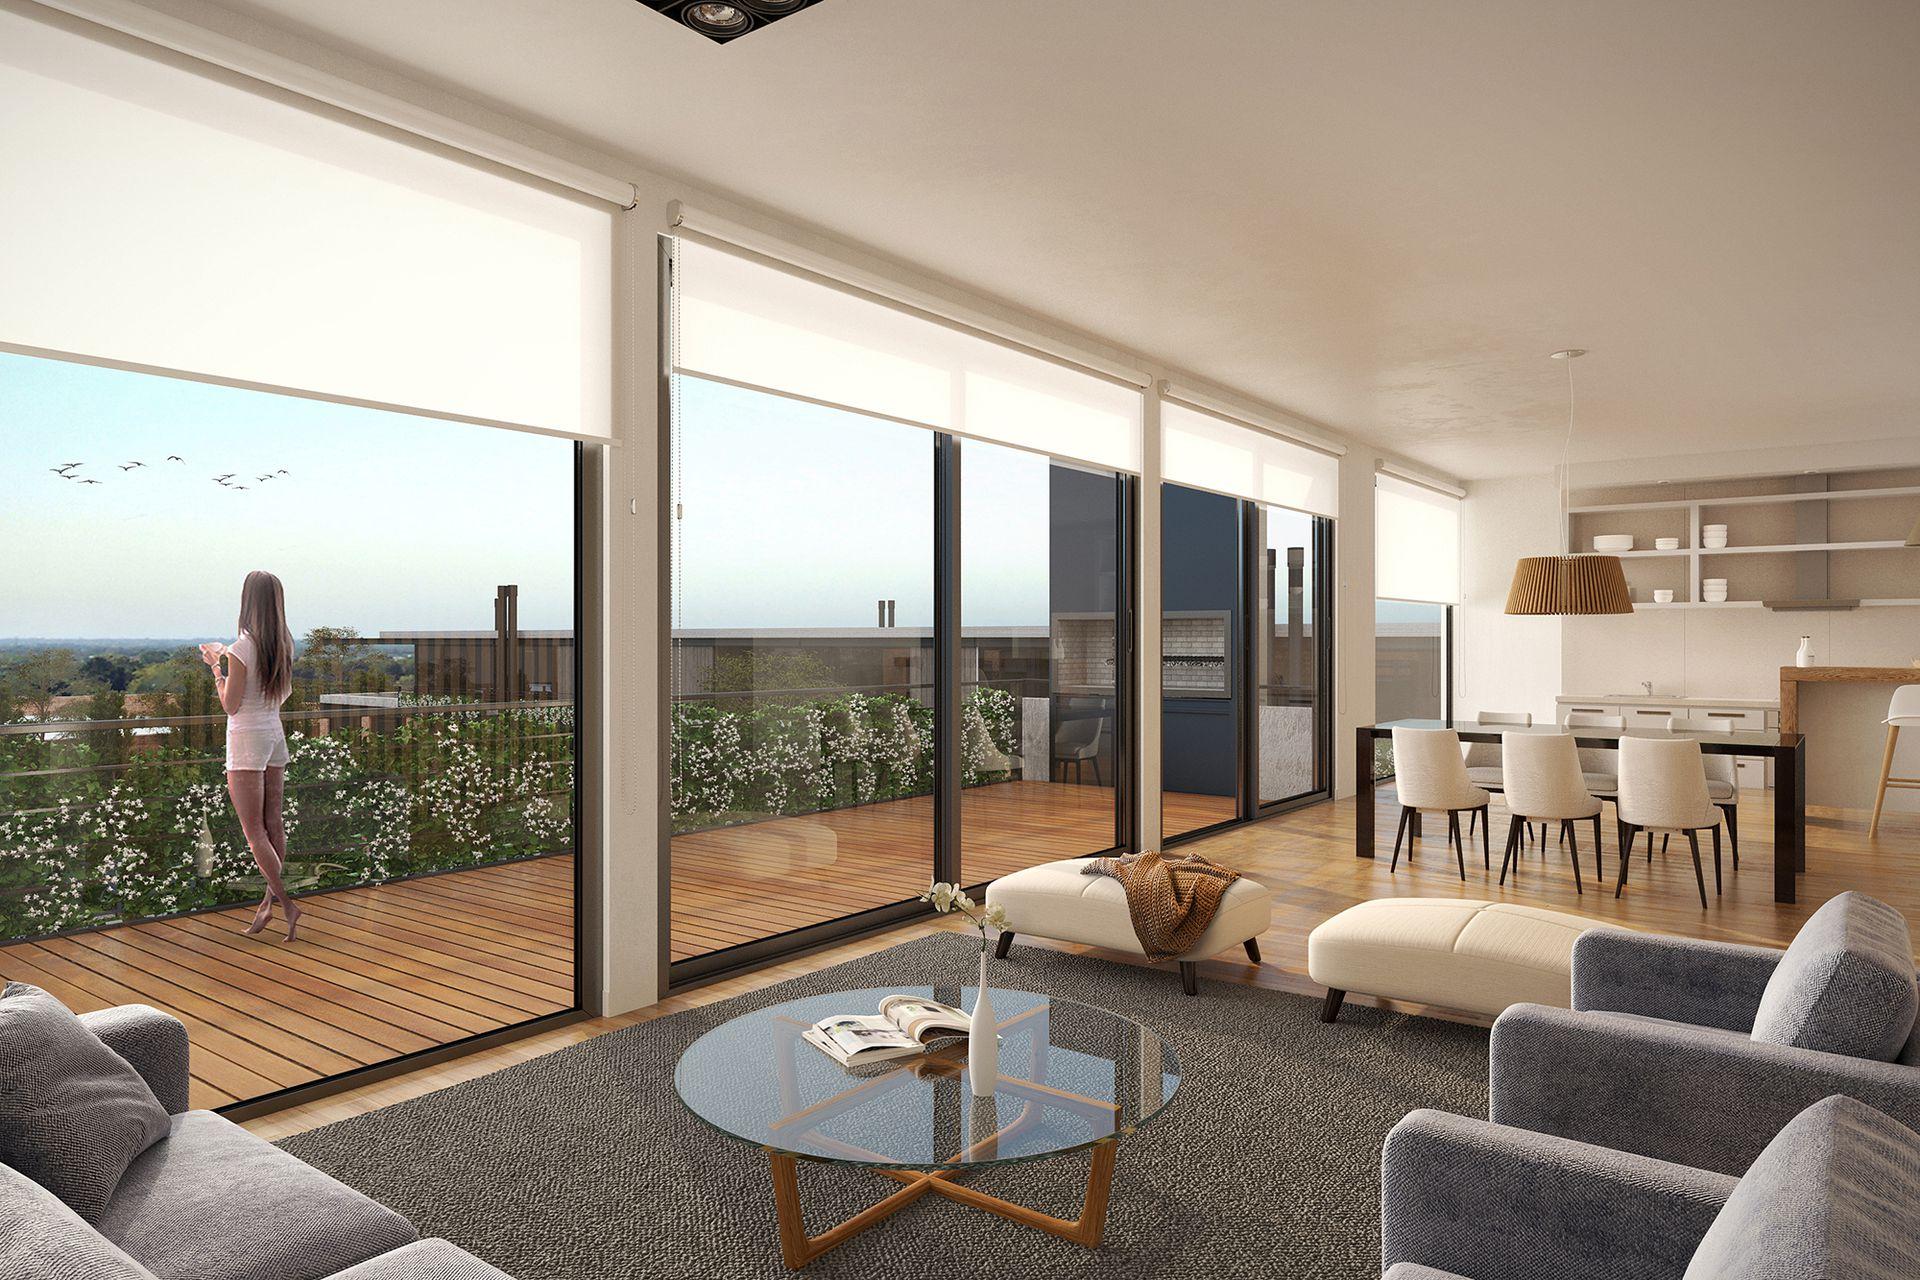 Un gran diferencial de los departamentos serán los balcones aterrazados de 3 metros de ancho y entre 7 y 11 metros de largo con deck